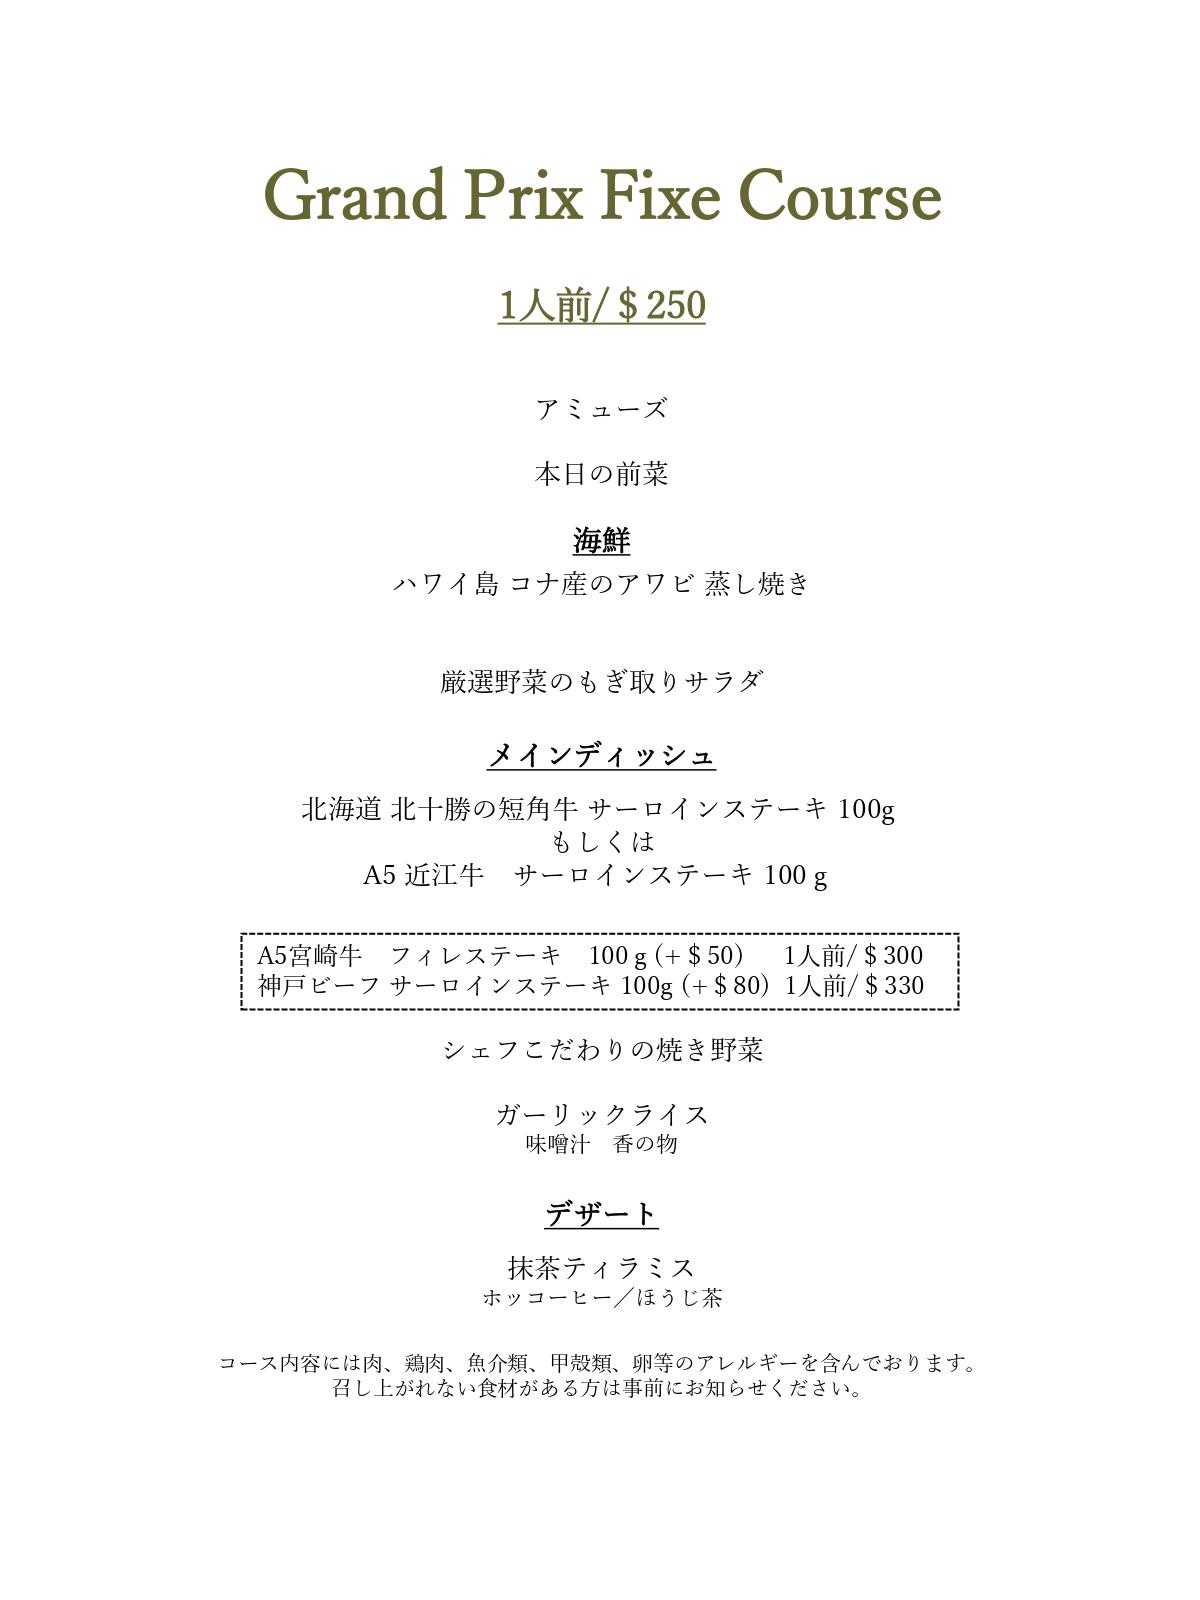 鉄板焼 [ハワイ店] ディナーメニュー3